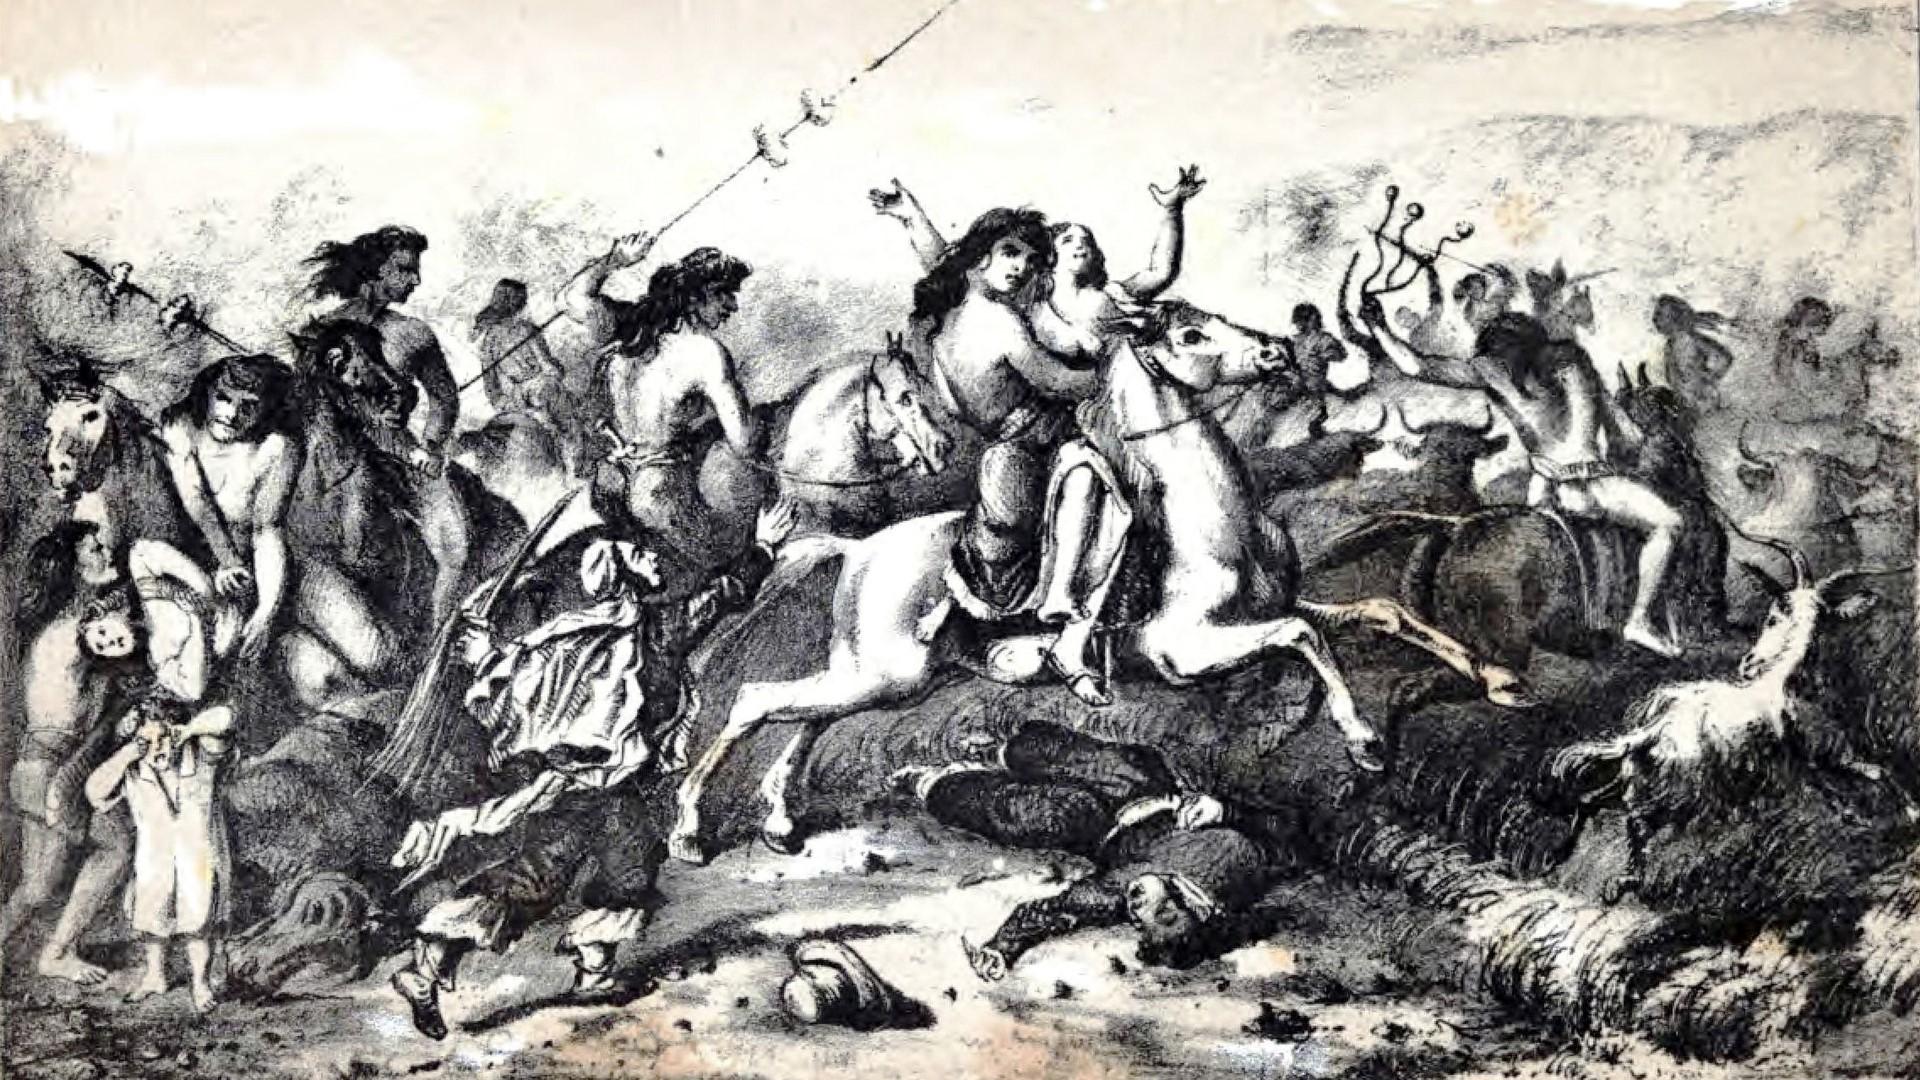 Guerre de conquête contre les Indiens Mapuches et Patagons